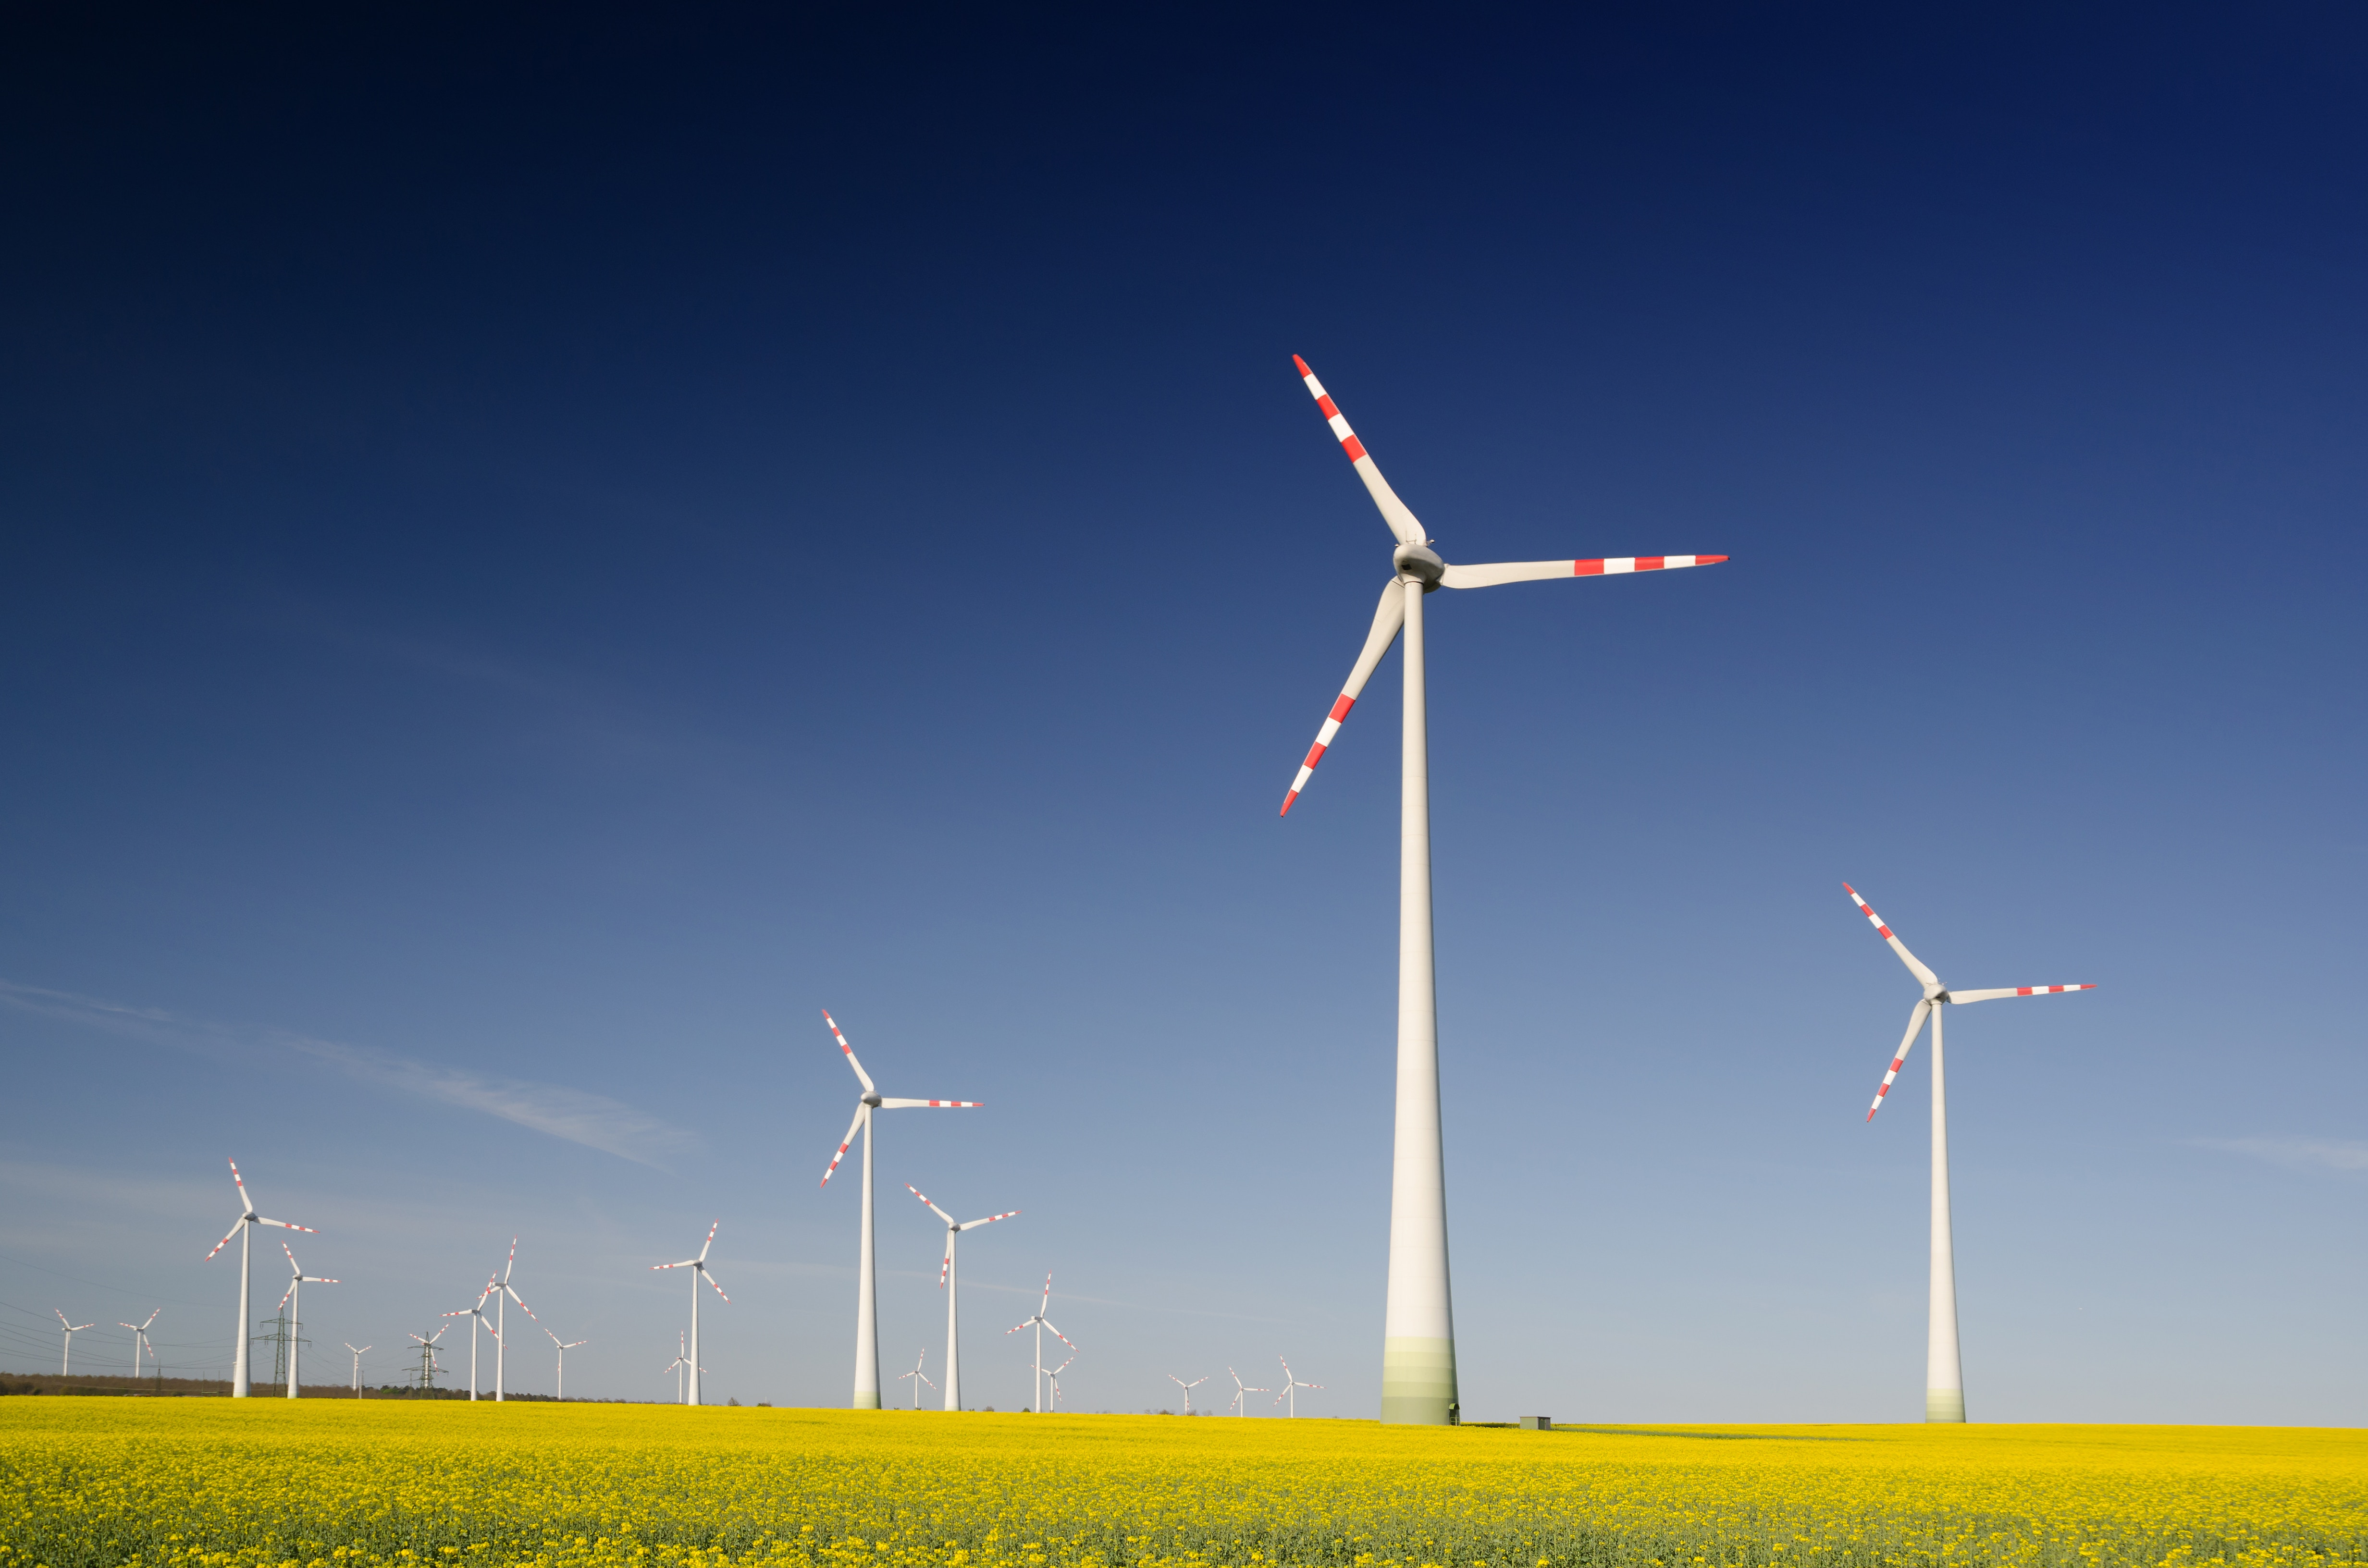 Nachhaltigkeit — Was ist damit eigentlich genau gemeint?